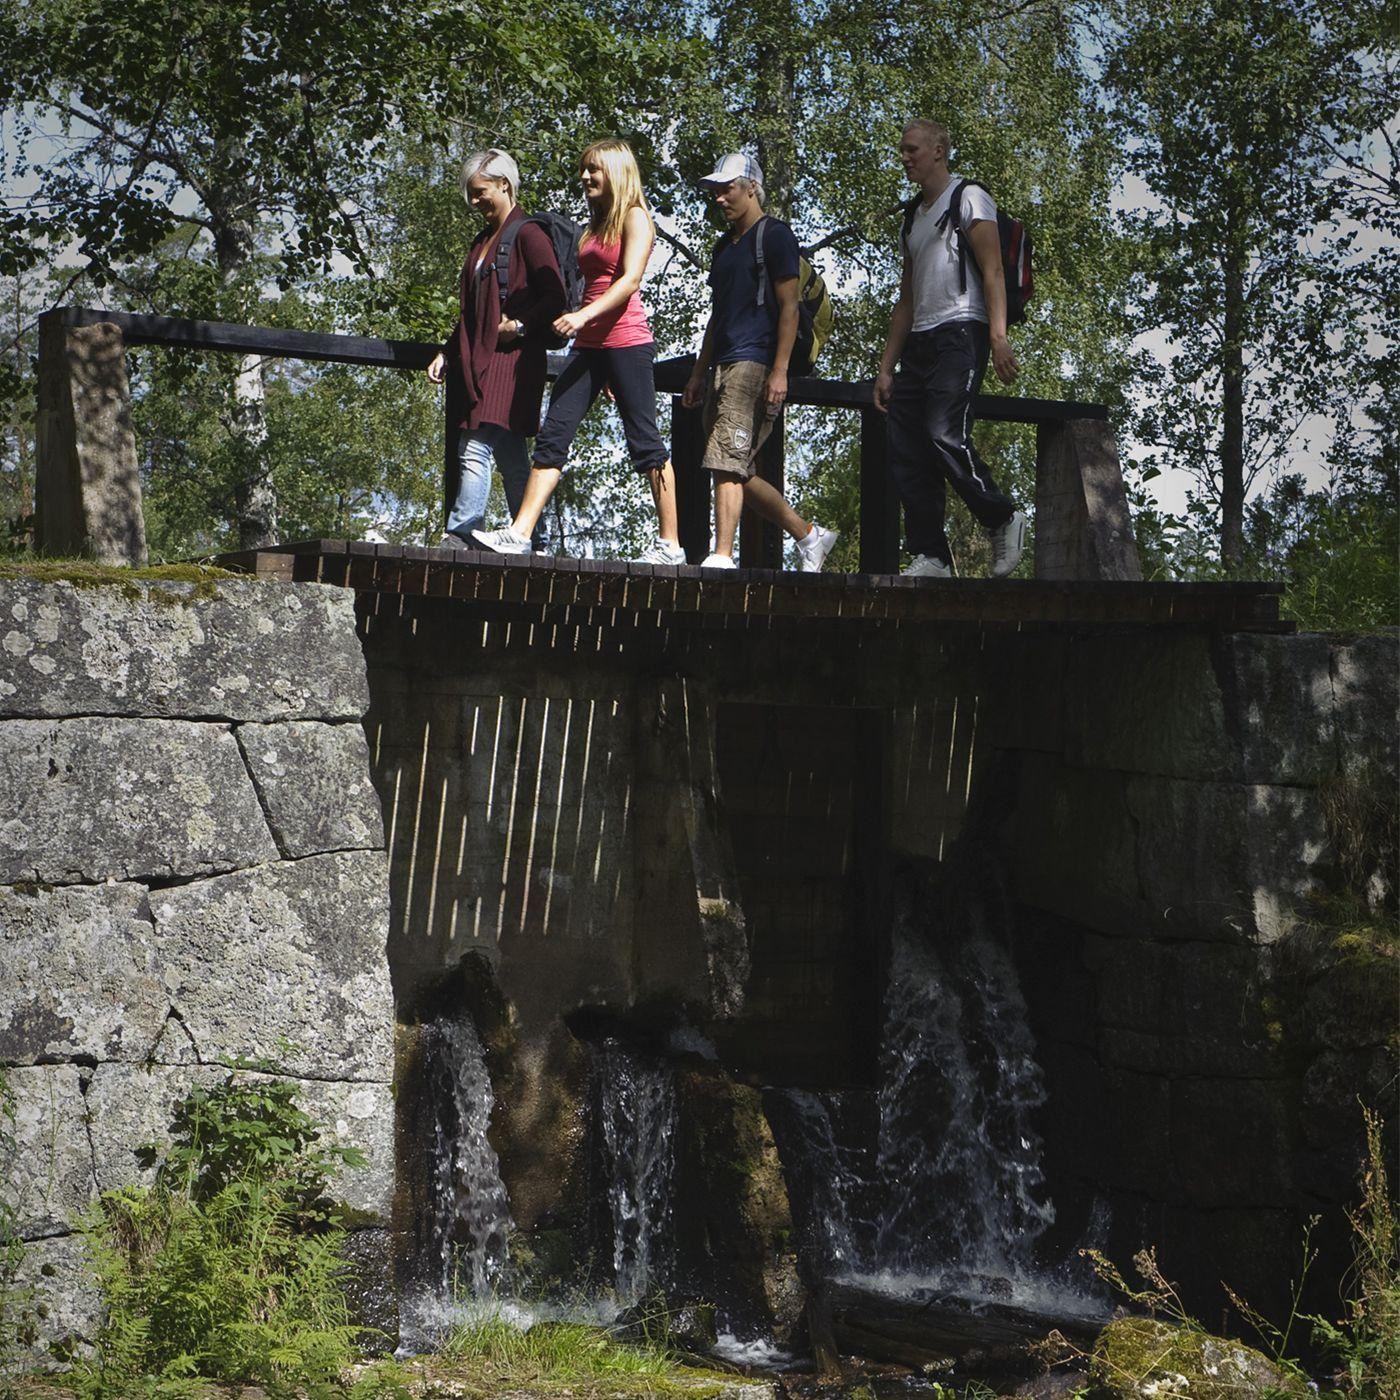 foto: Gomer,  © Copyright, Pråmleden - vandringsled